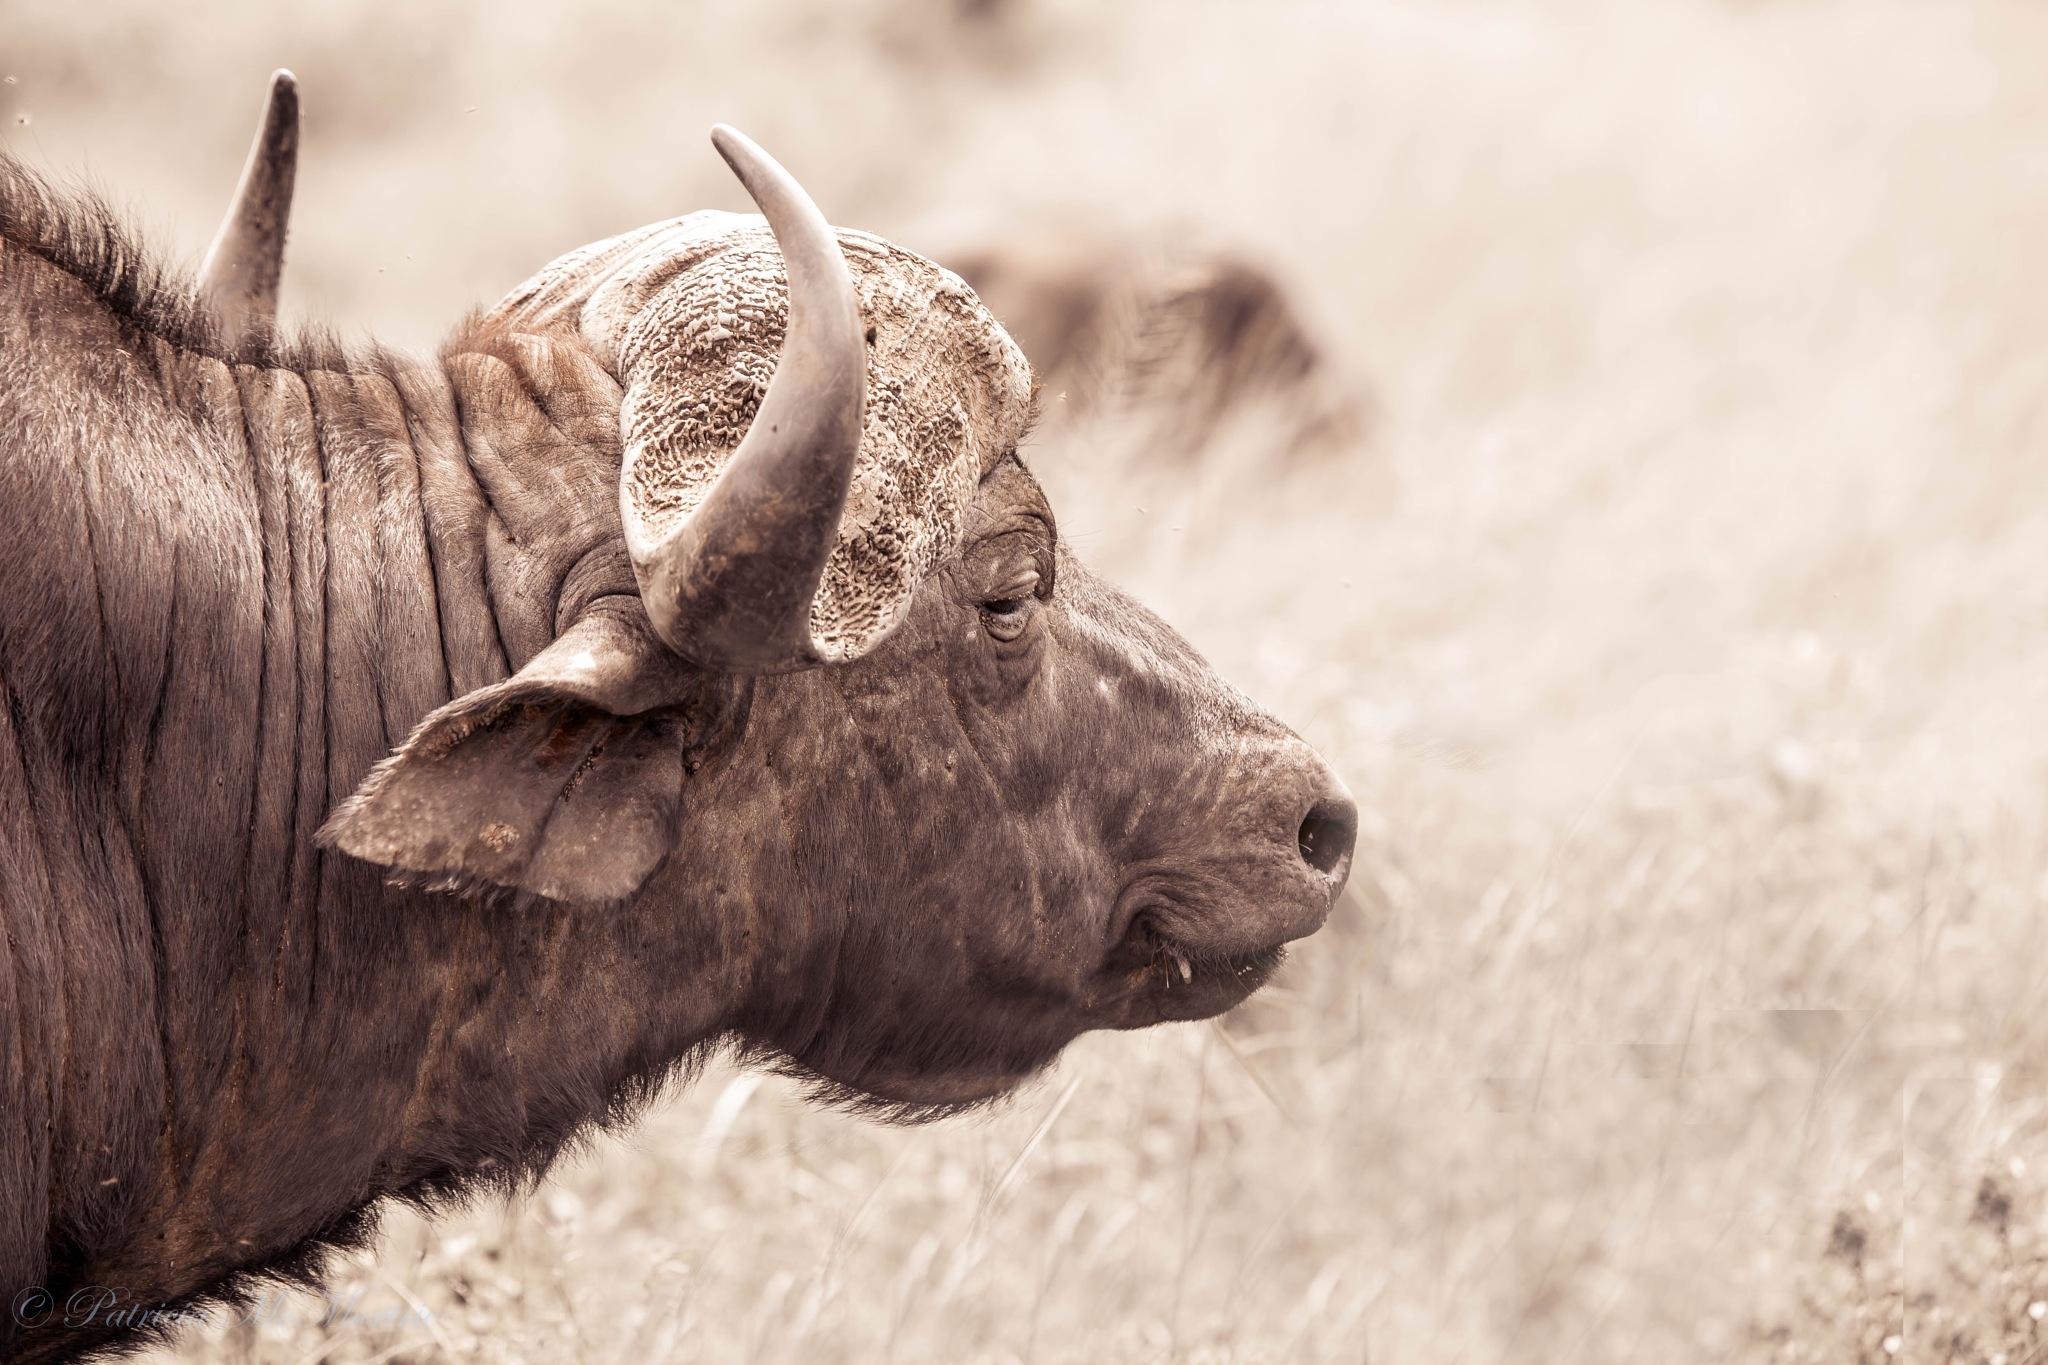 Cape Buffalo by izimvubu